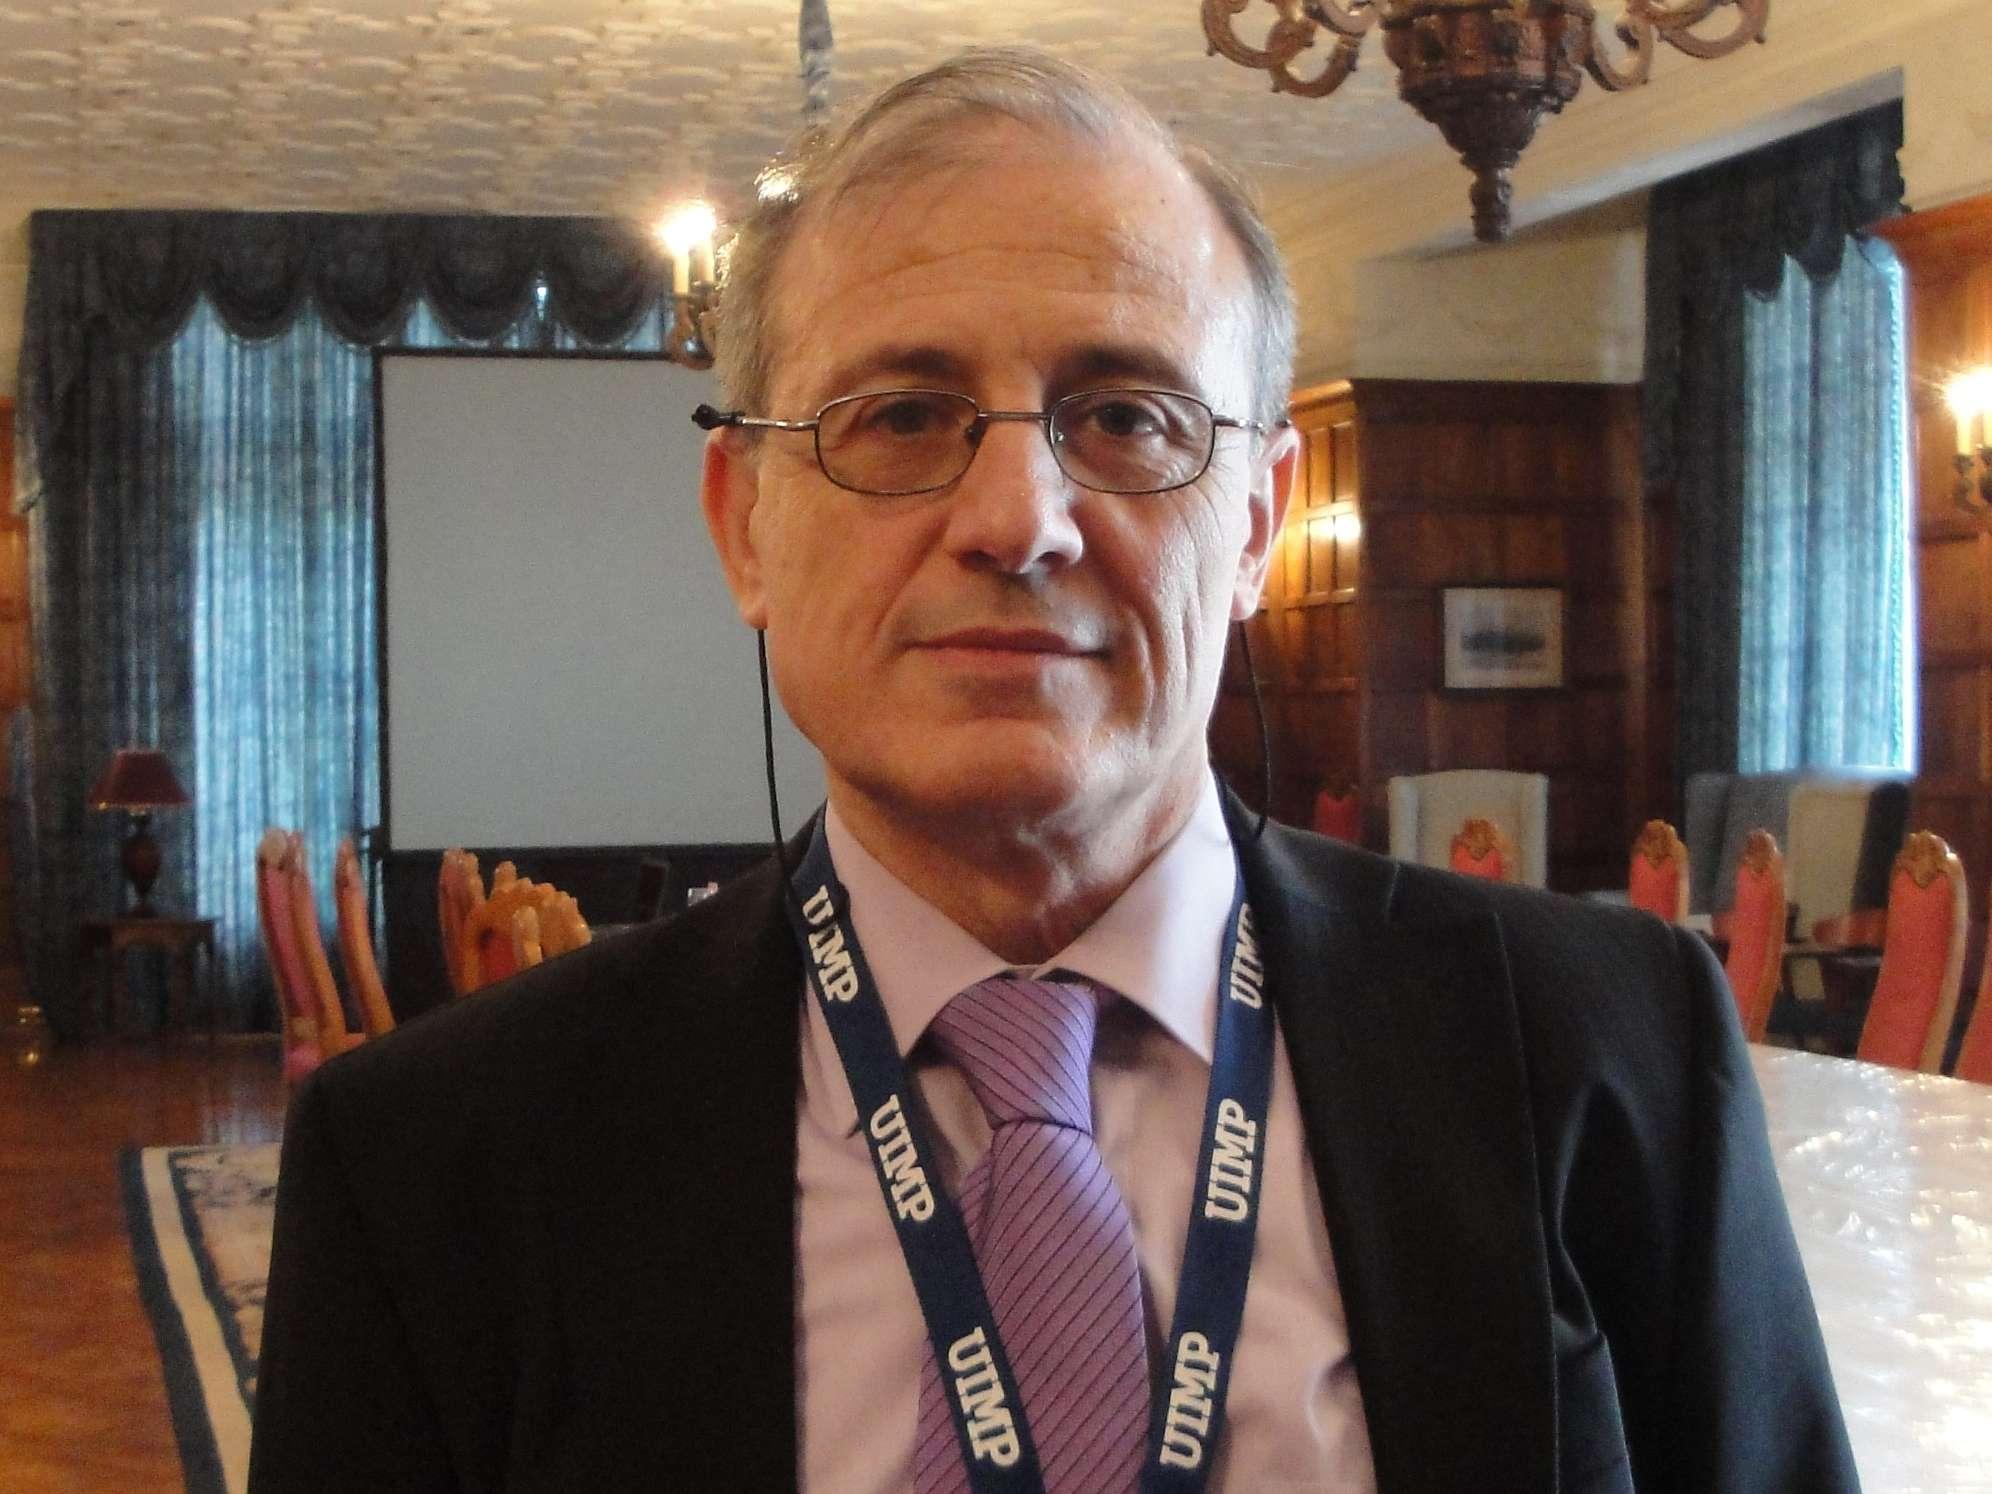 Eduard Scrich